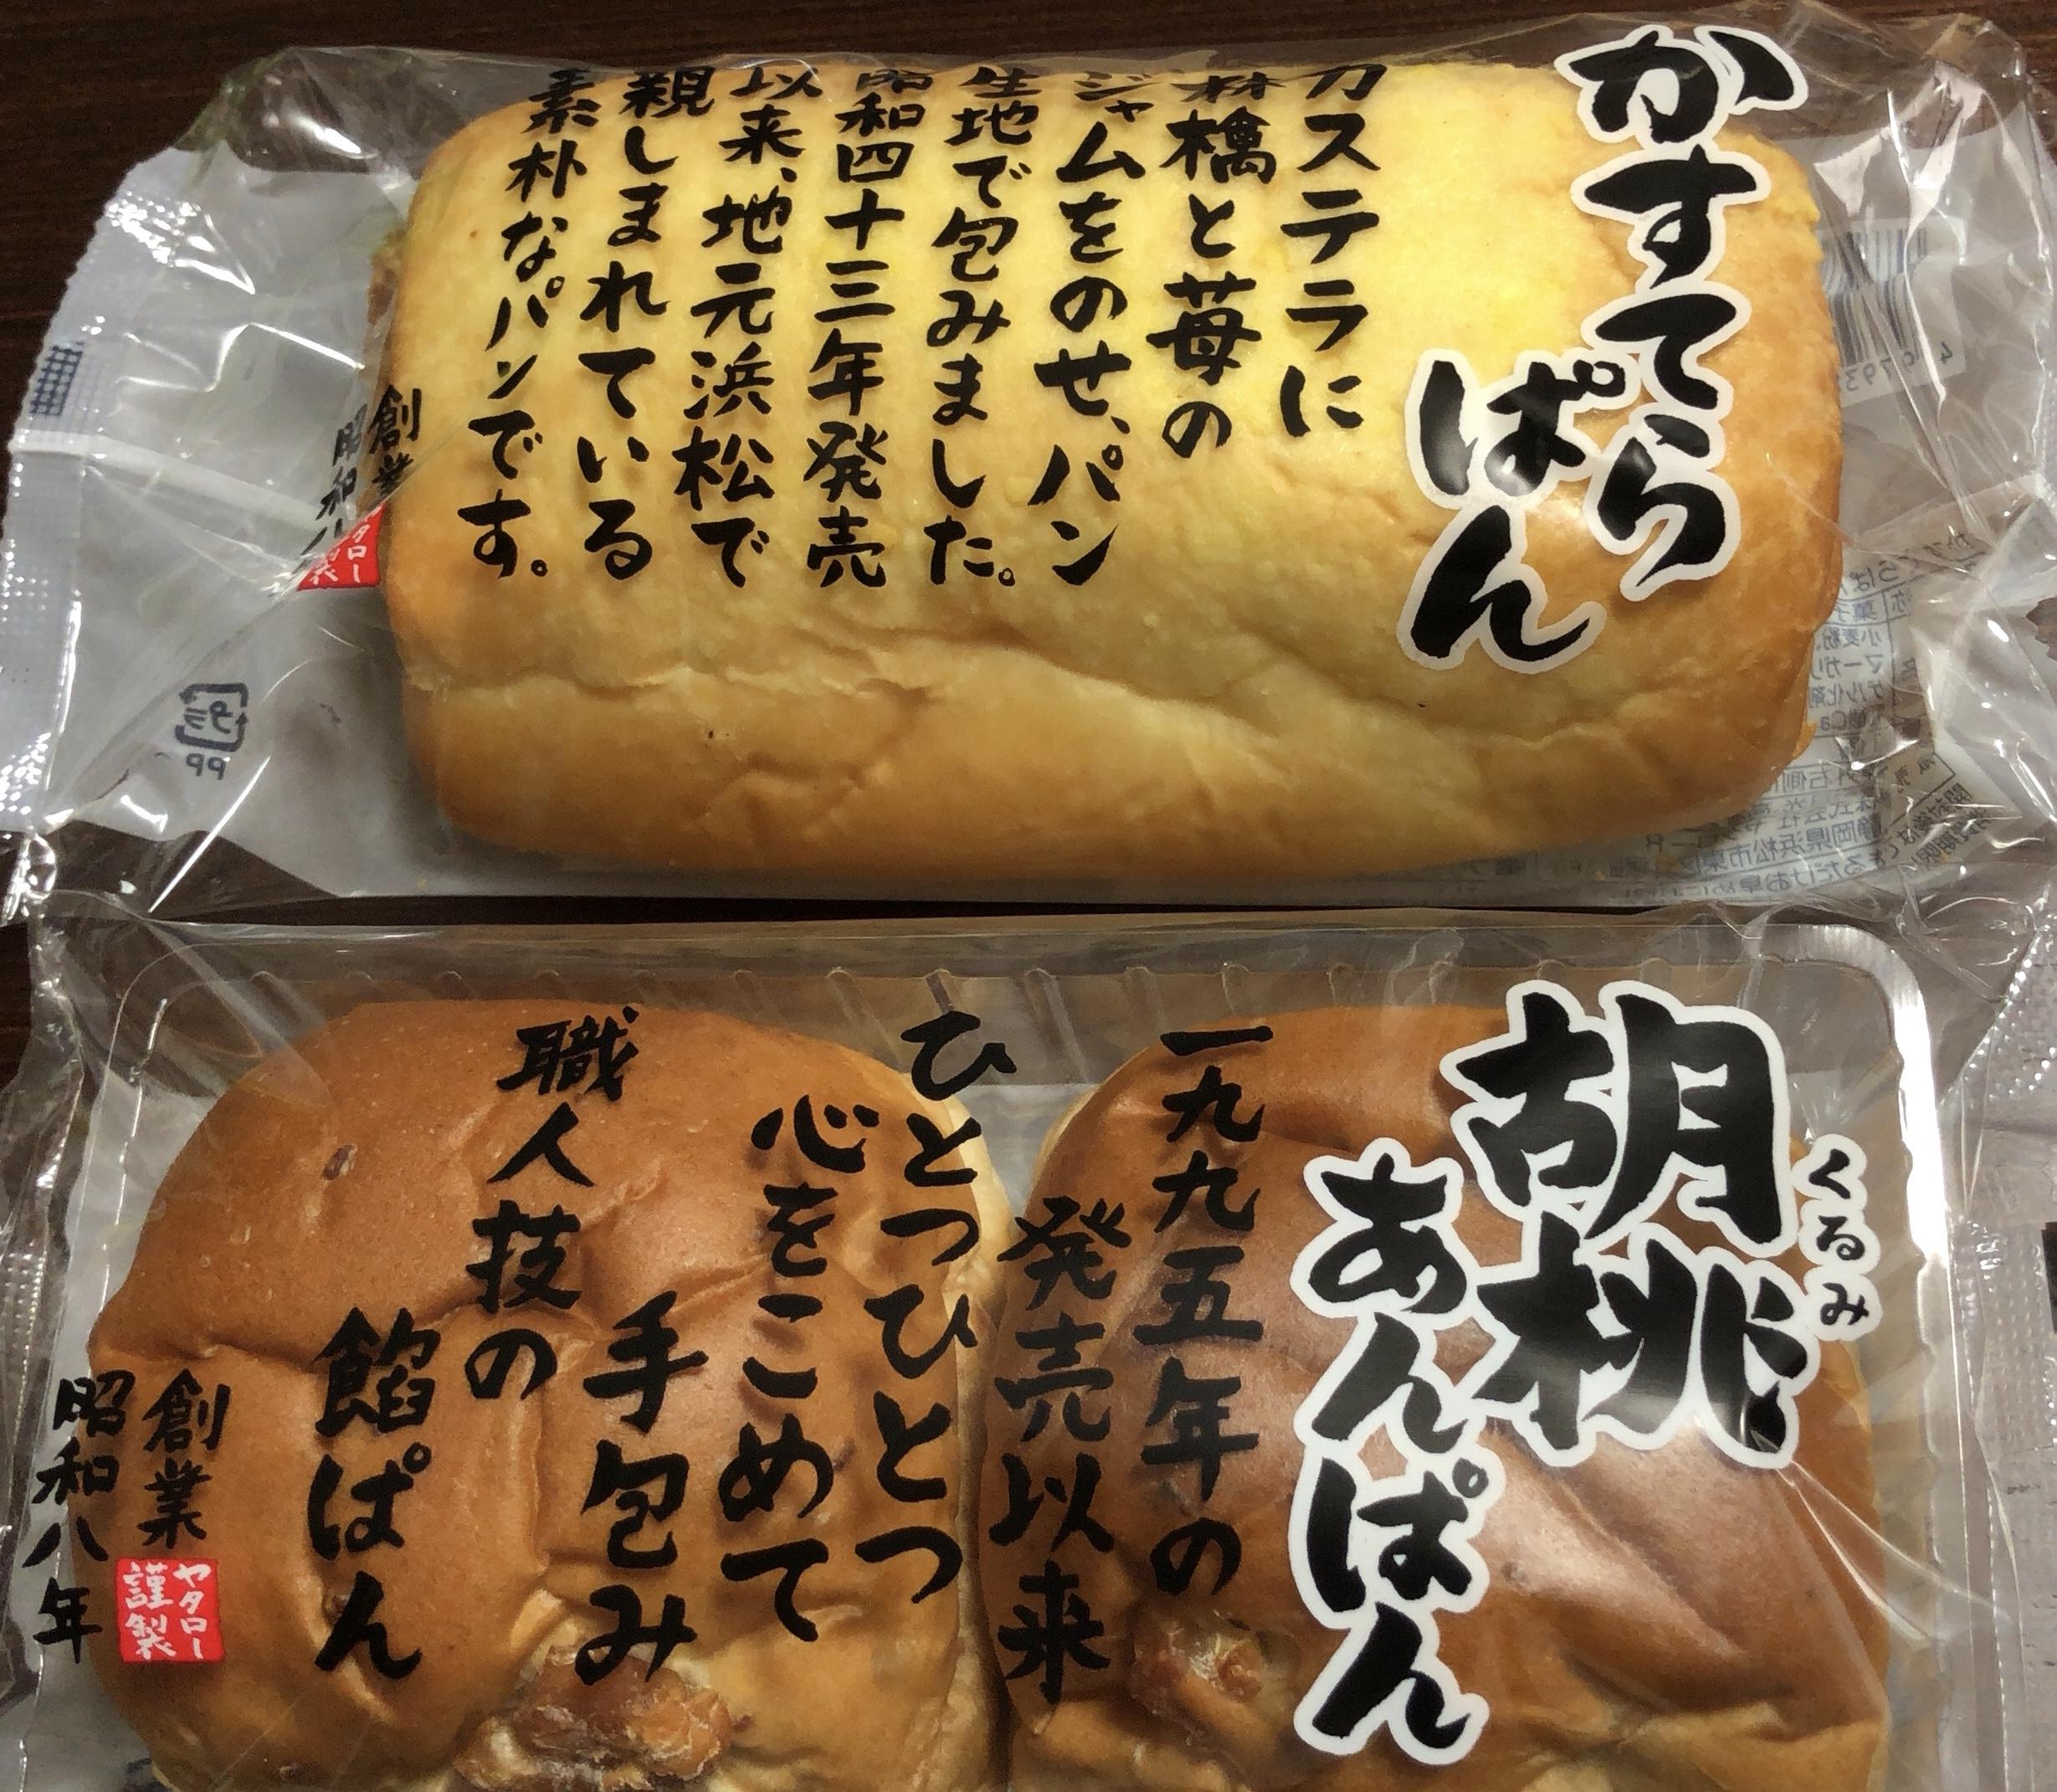 ヤタロー胡桃あんパン